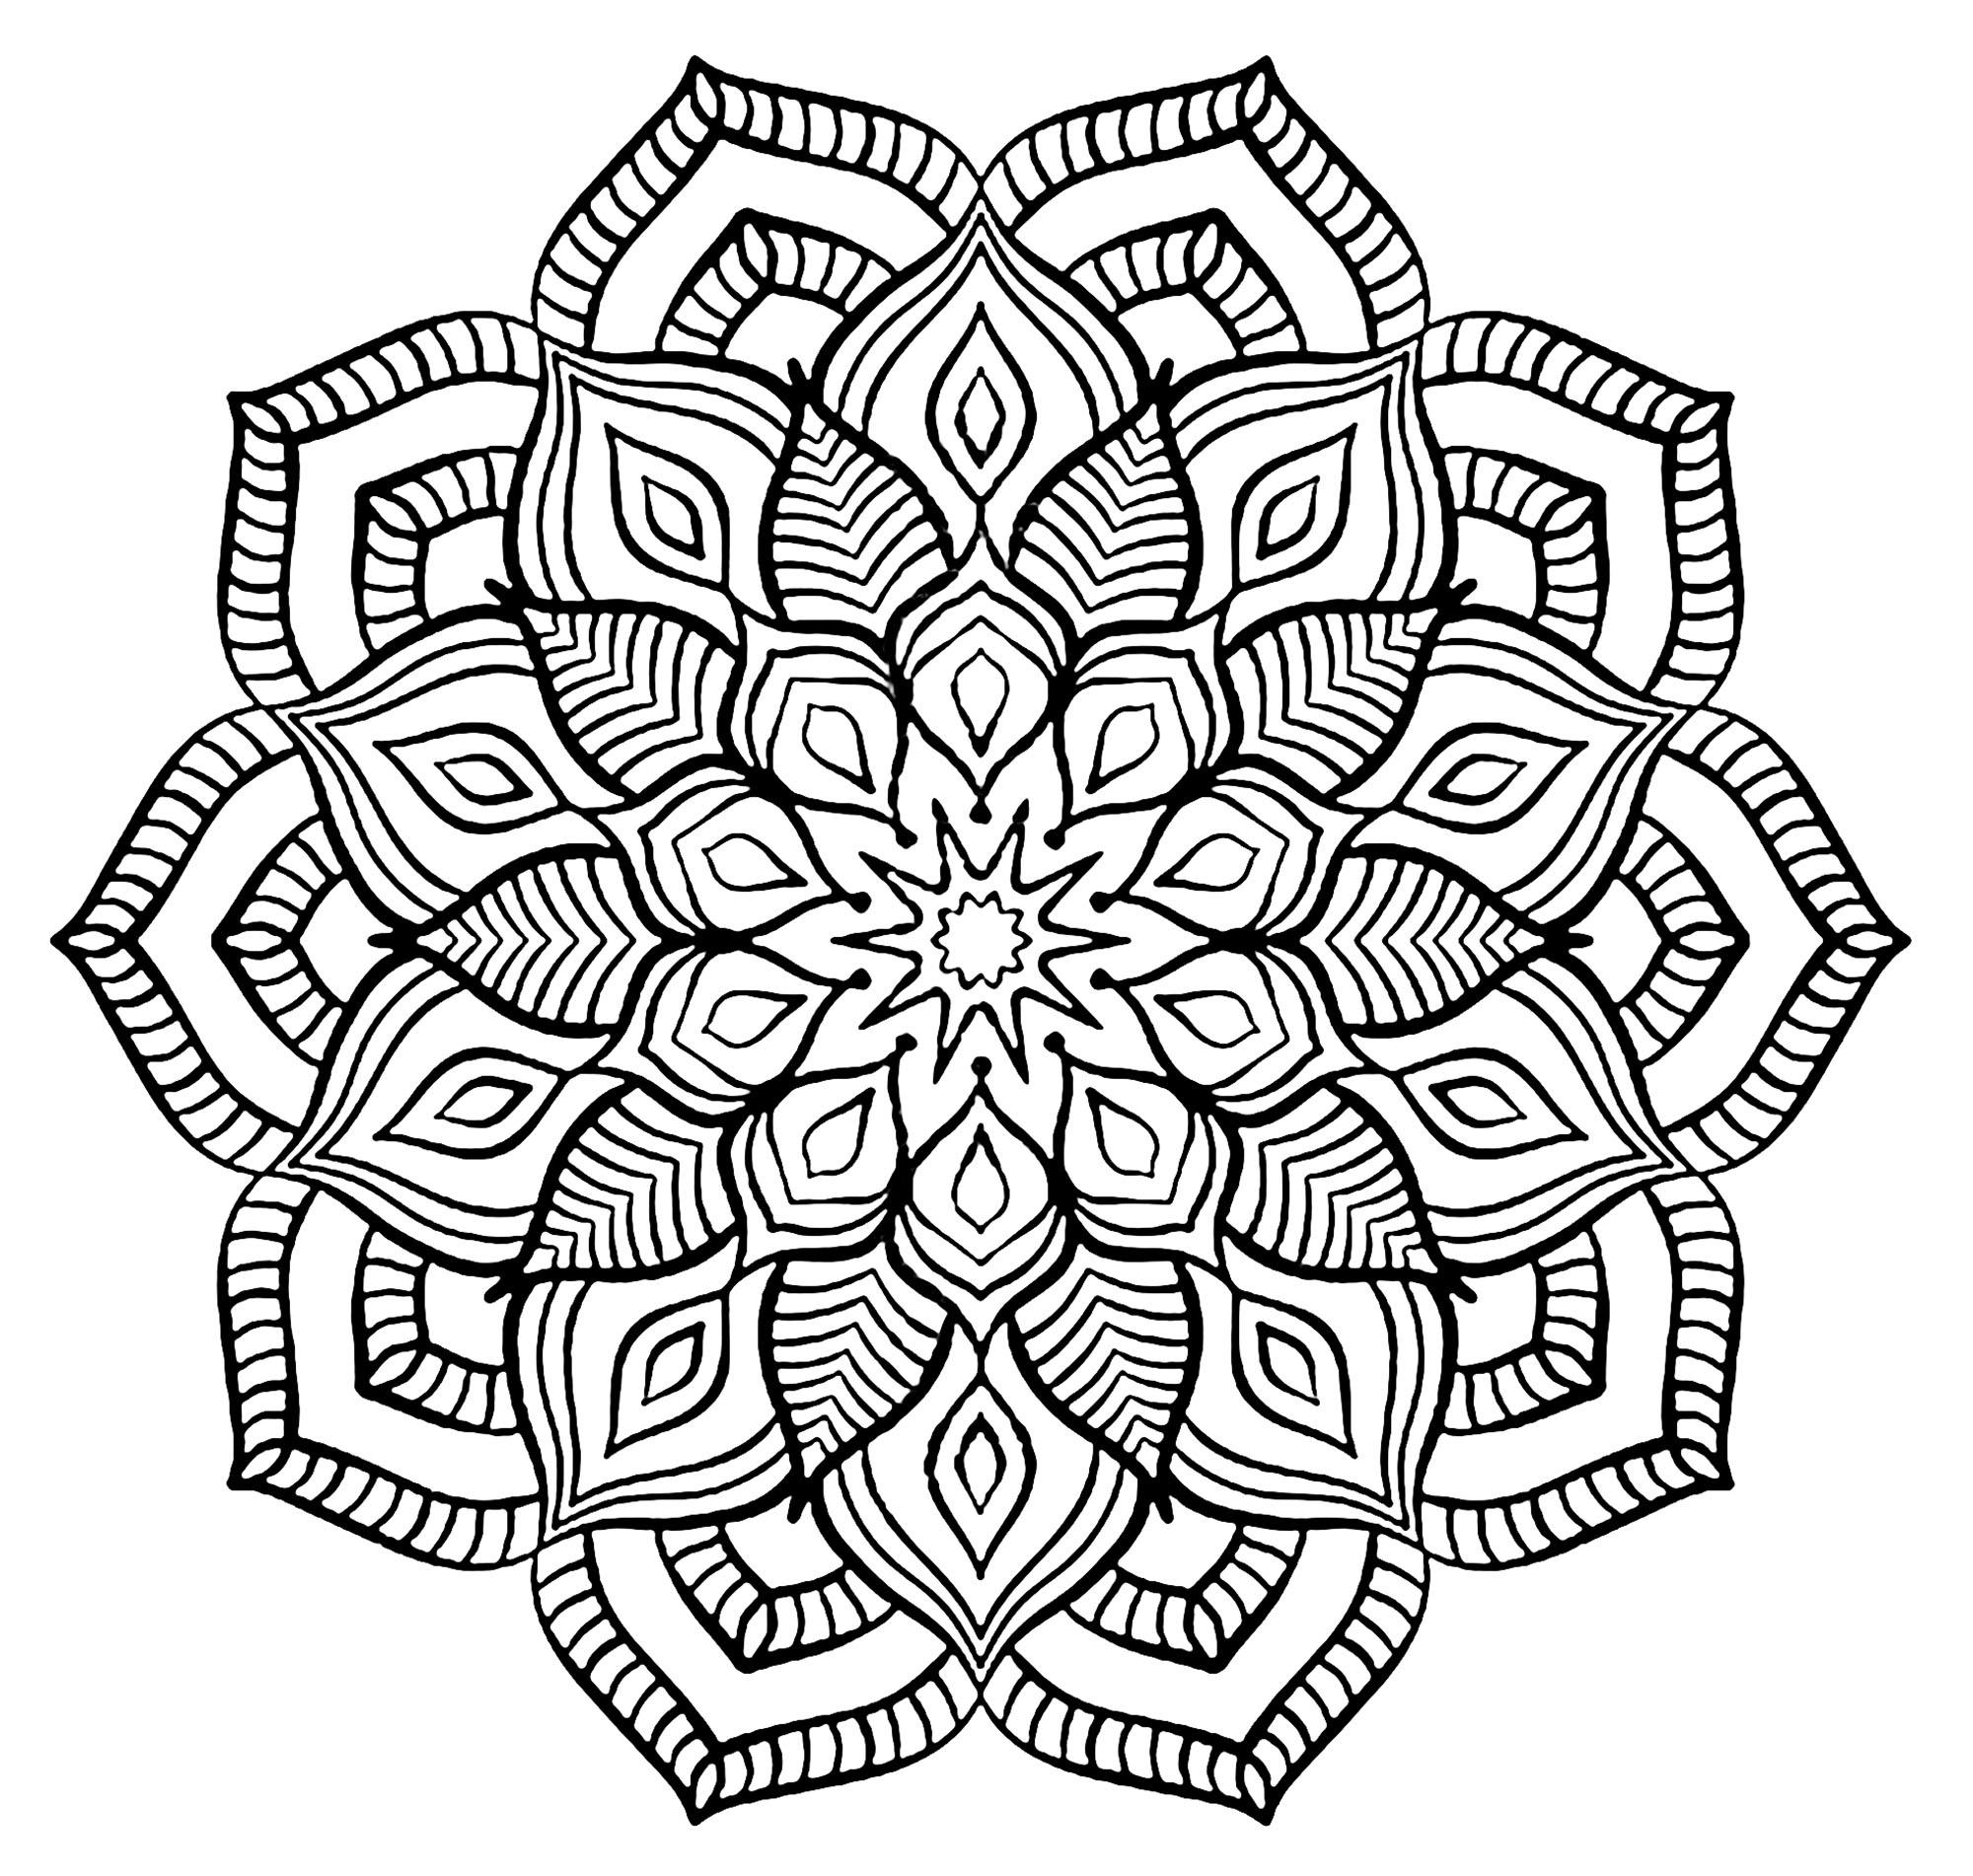 Mandala Grosse Fleur - Coloriage Mandalas - Coloriages tout Coloriage Mandale